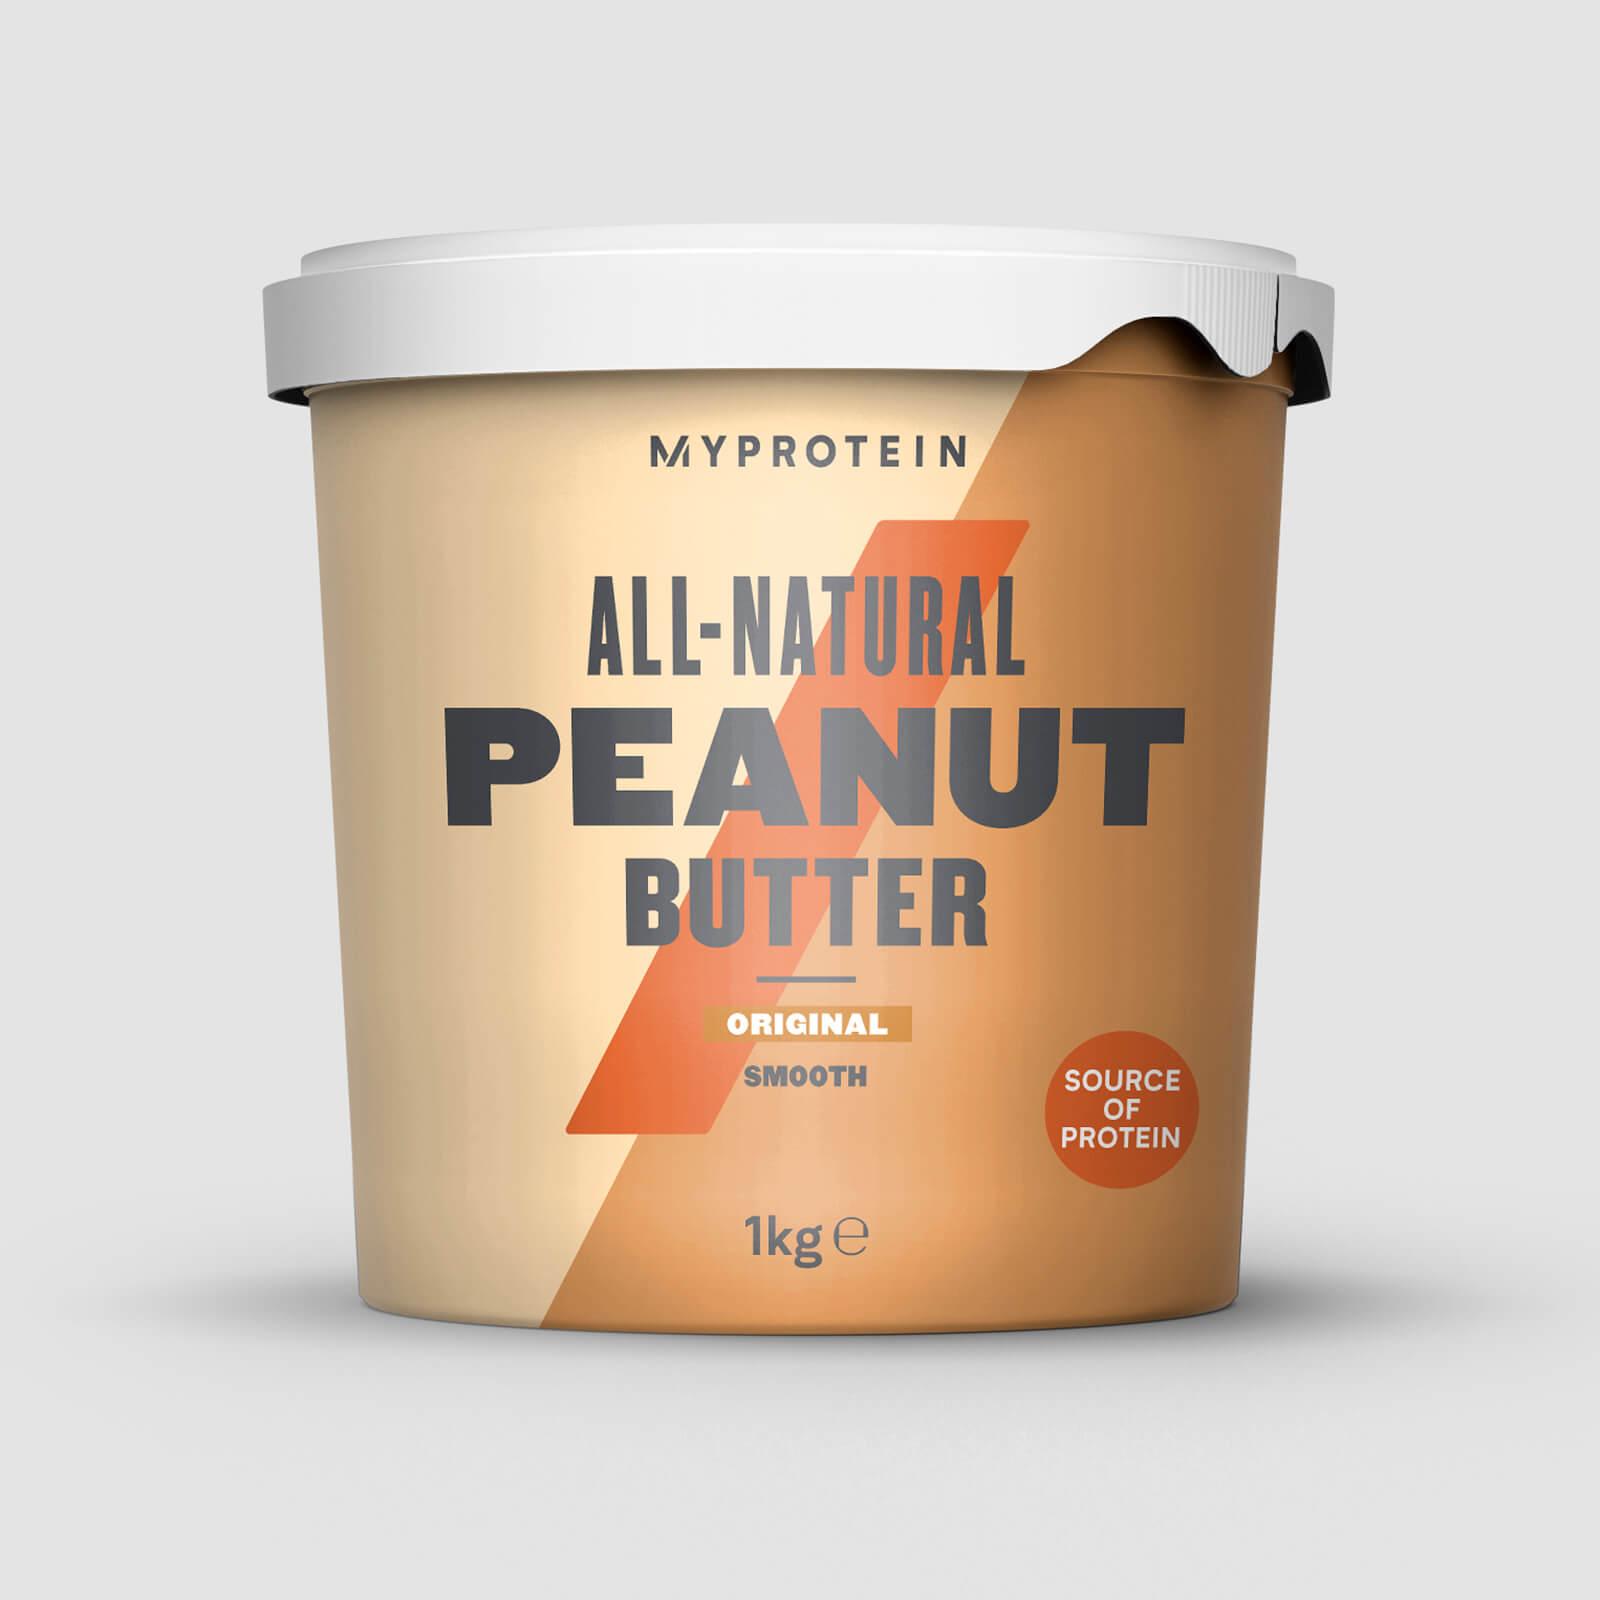 1 Kg Erdnussbutter für 6,42€ dank kostenfreien Versand bei Myprotein + 37% Rabatt